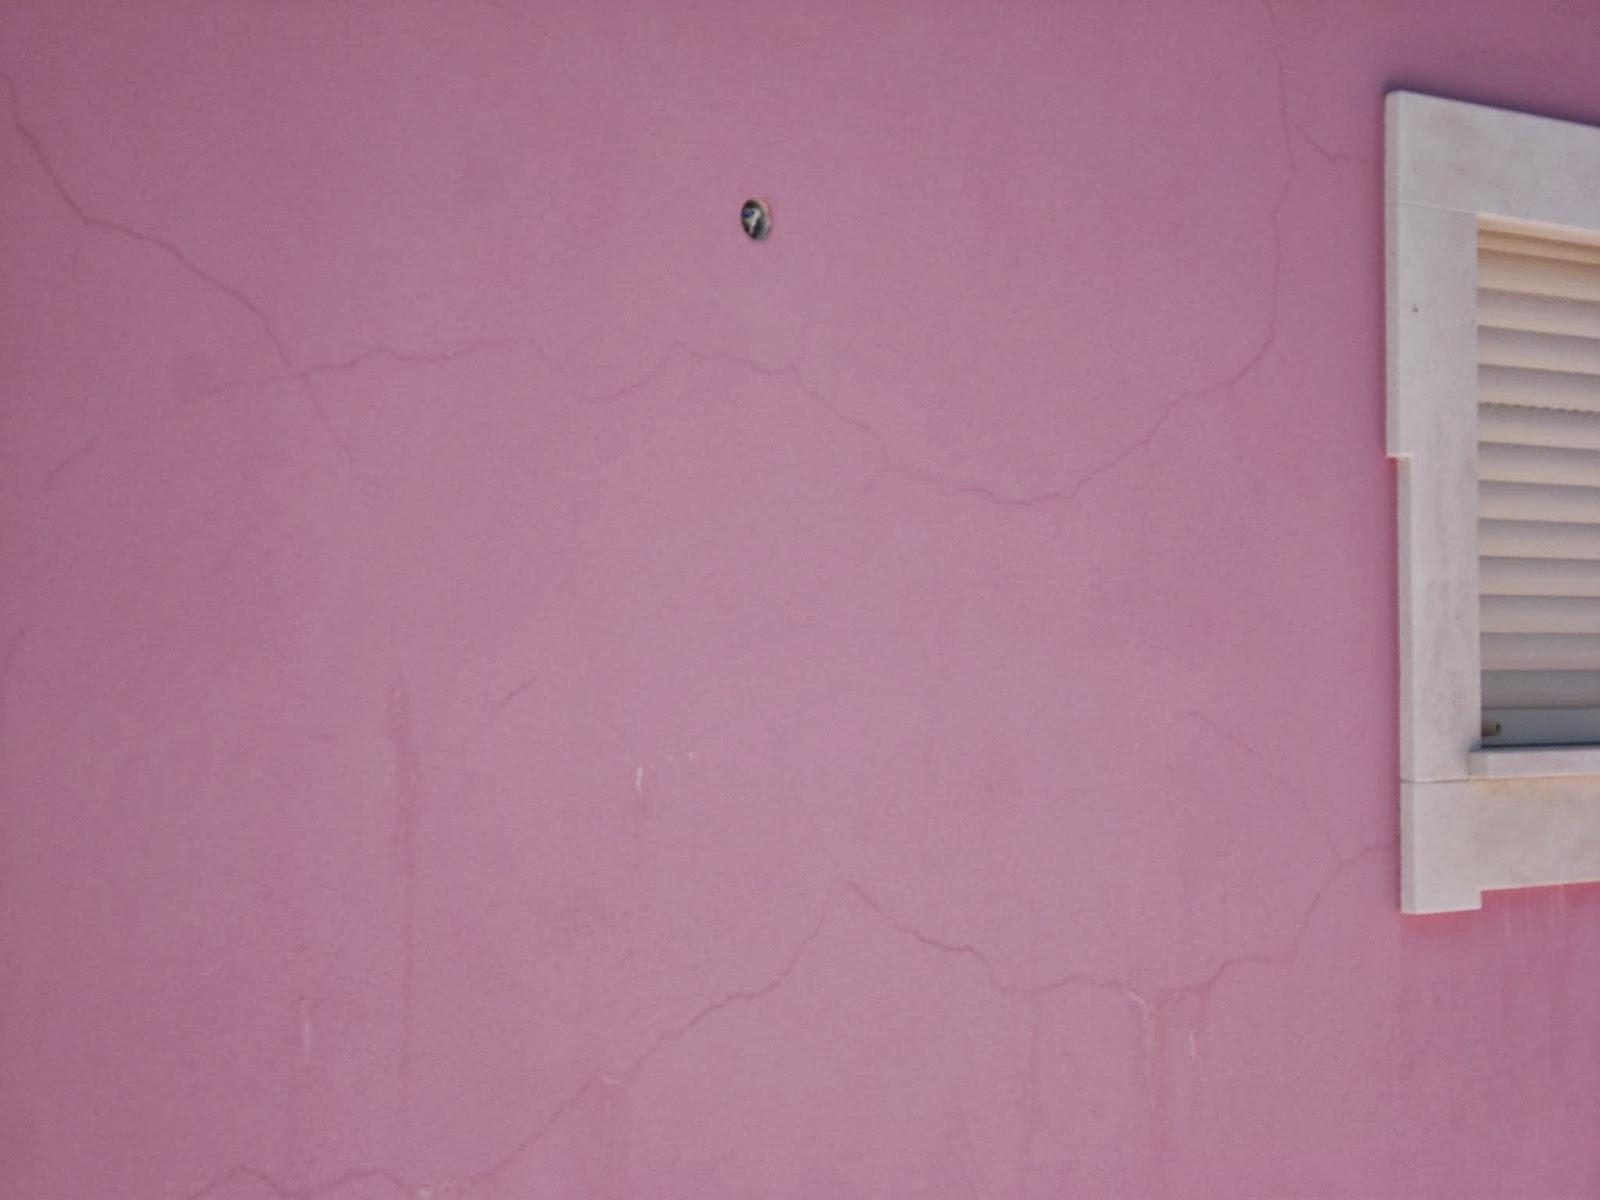 Degradação-por-efeito-da-alcalinidade-pintar-a-casa